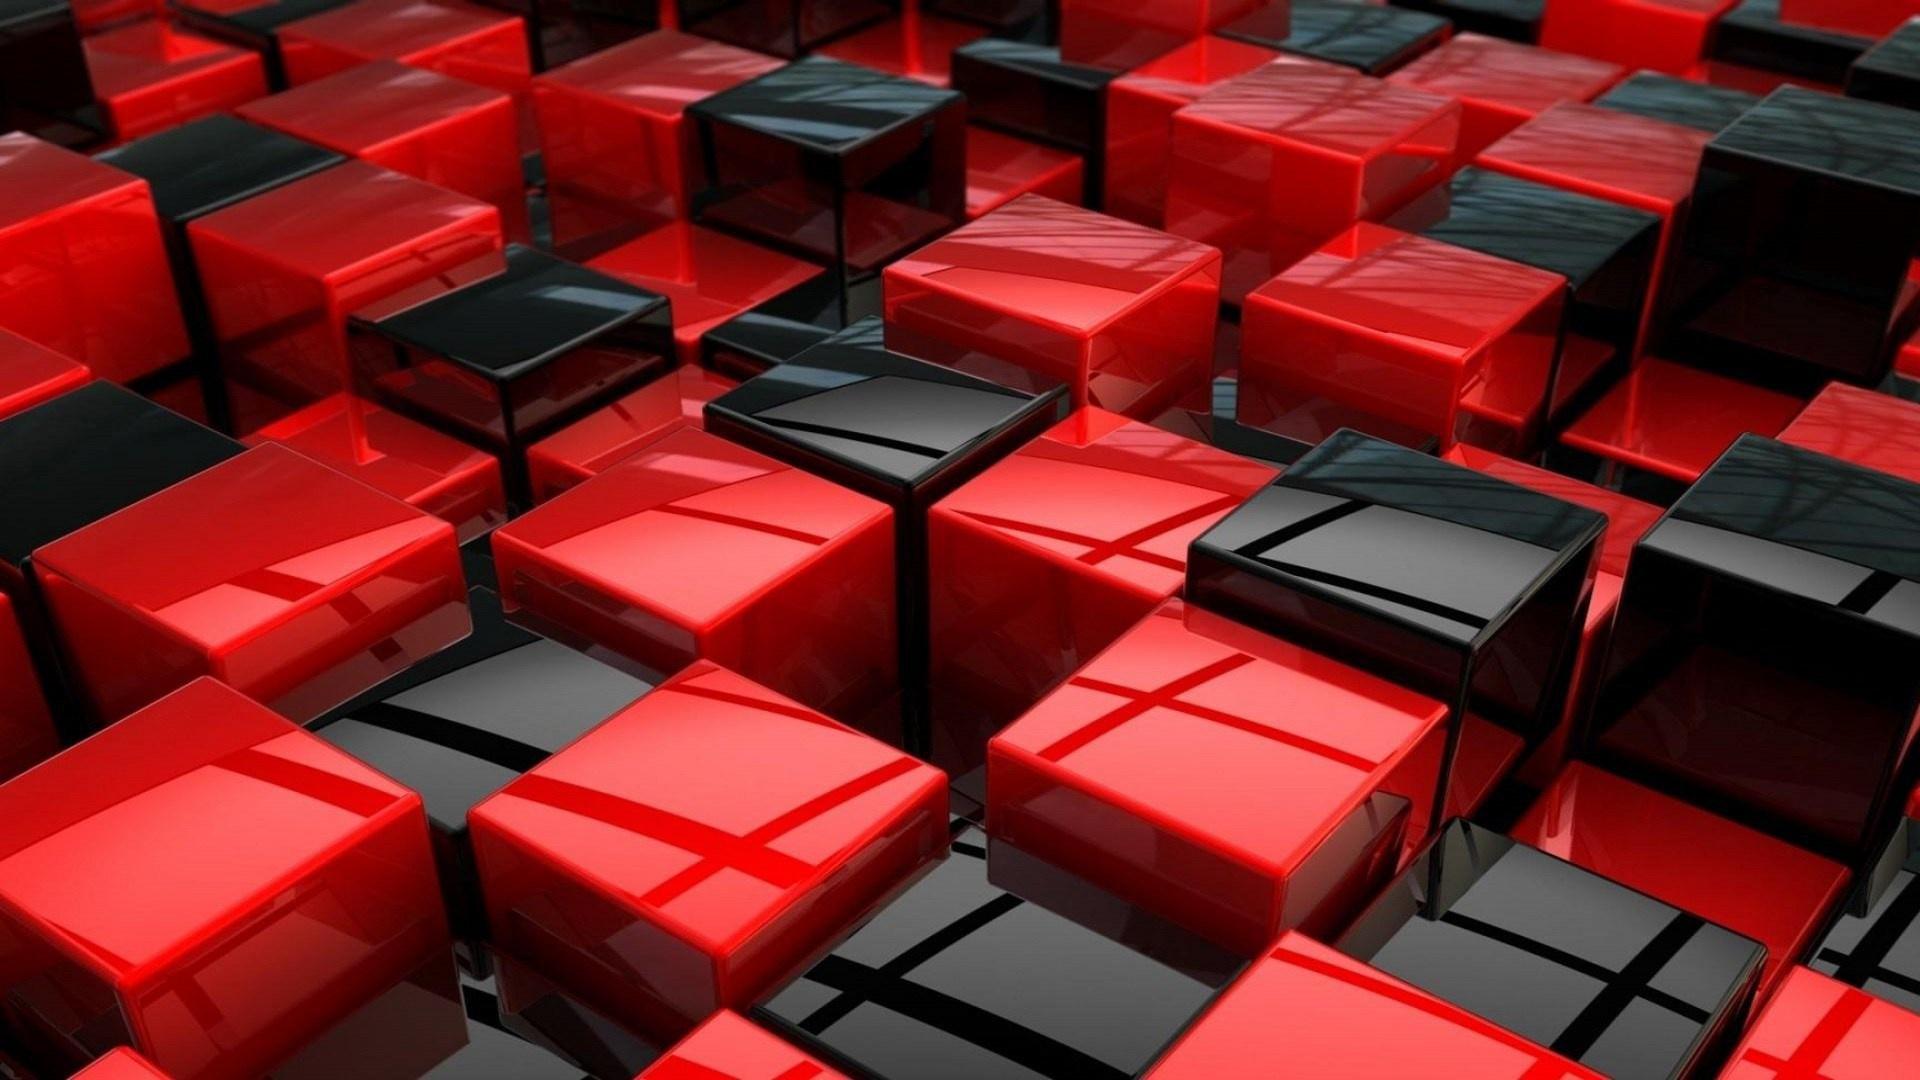 настольный картинка для рабочего стола черные кубы победителя